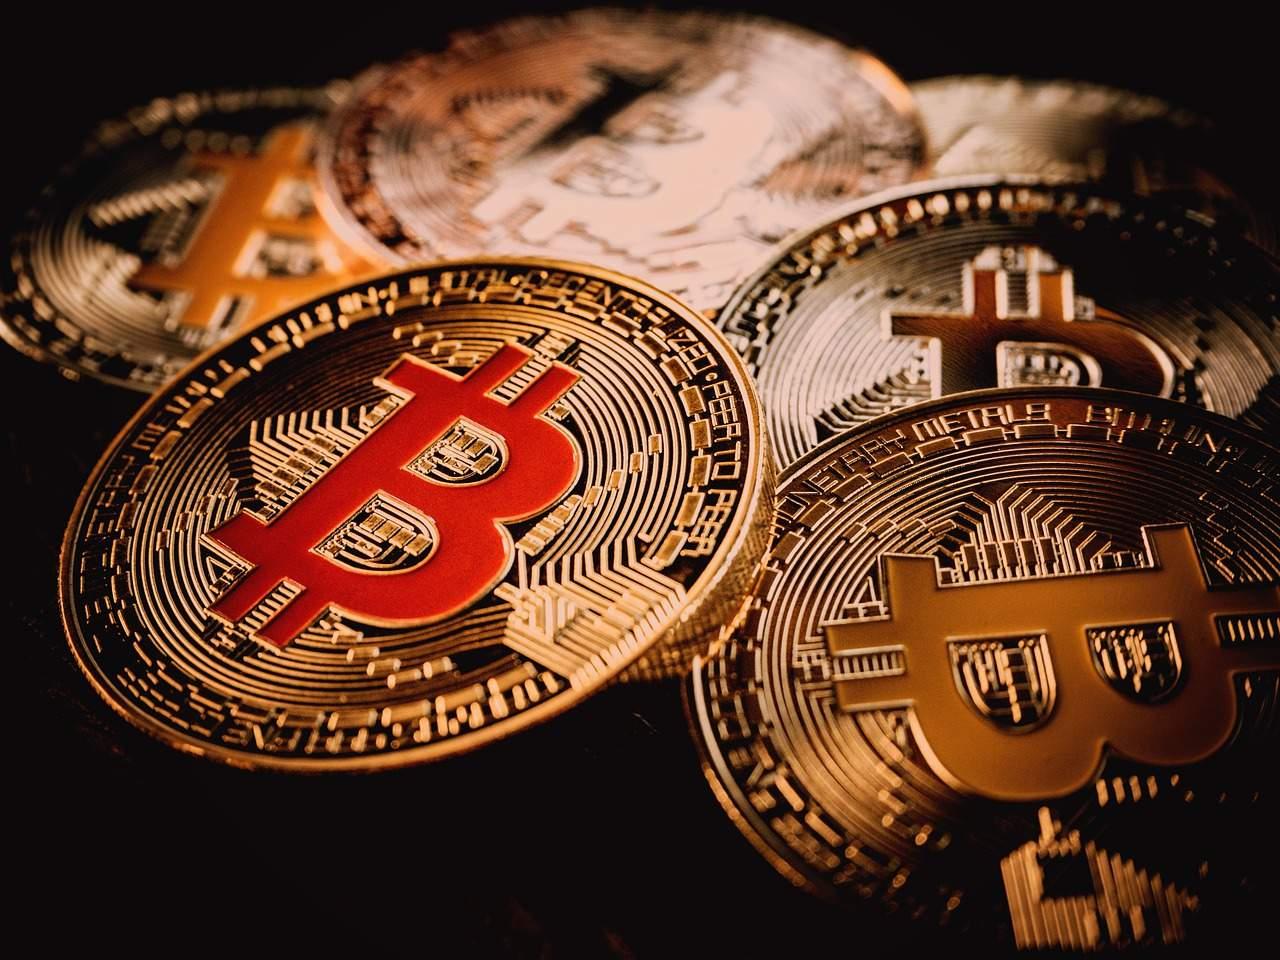 beste digitale währung für investitionen im jahr 2021 bitcoin-ware gegen handel